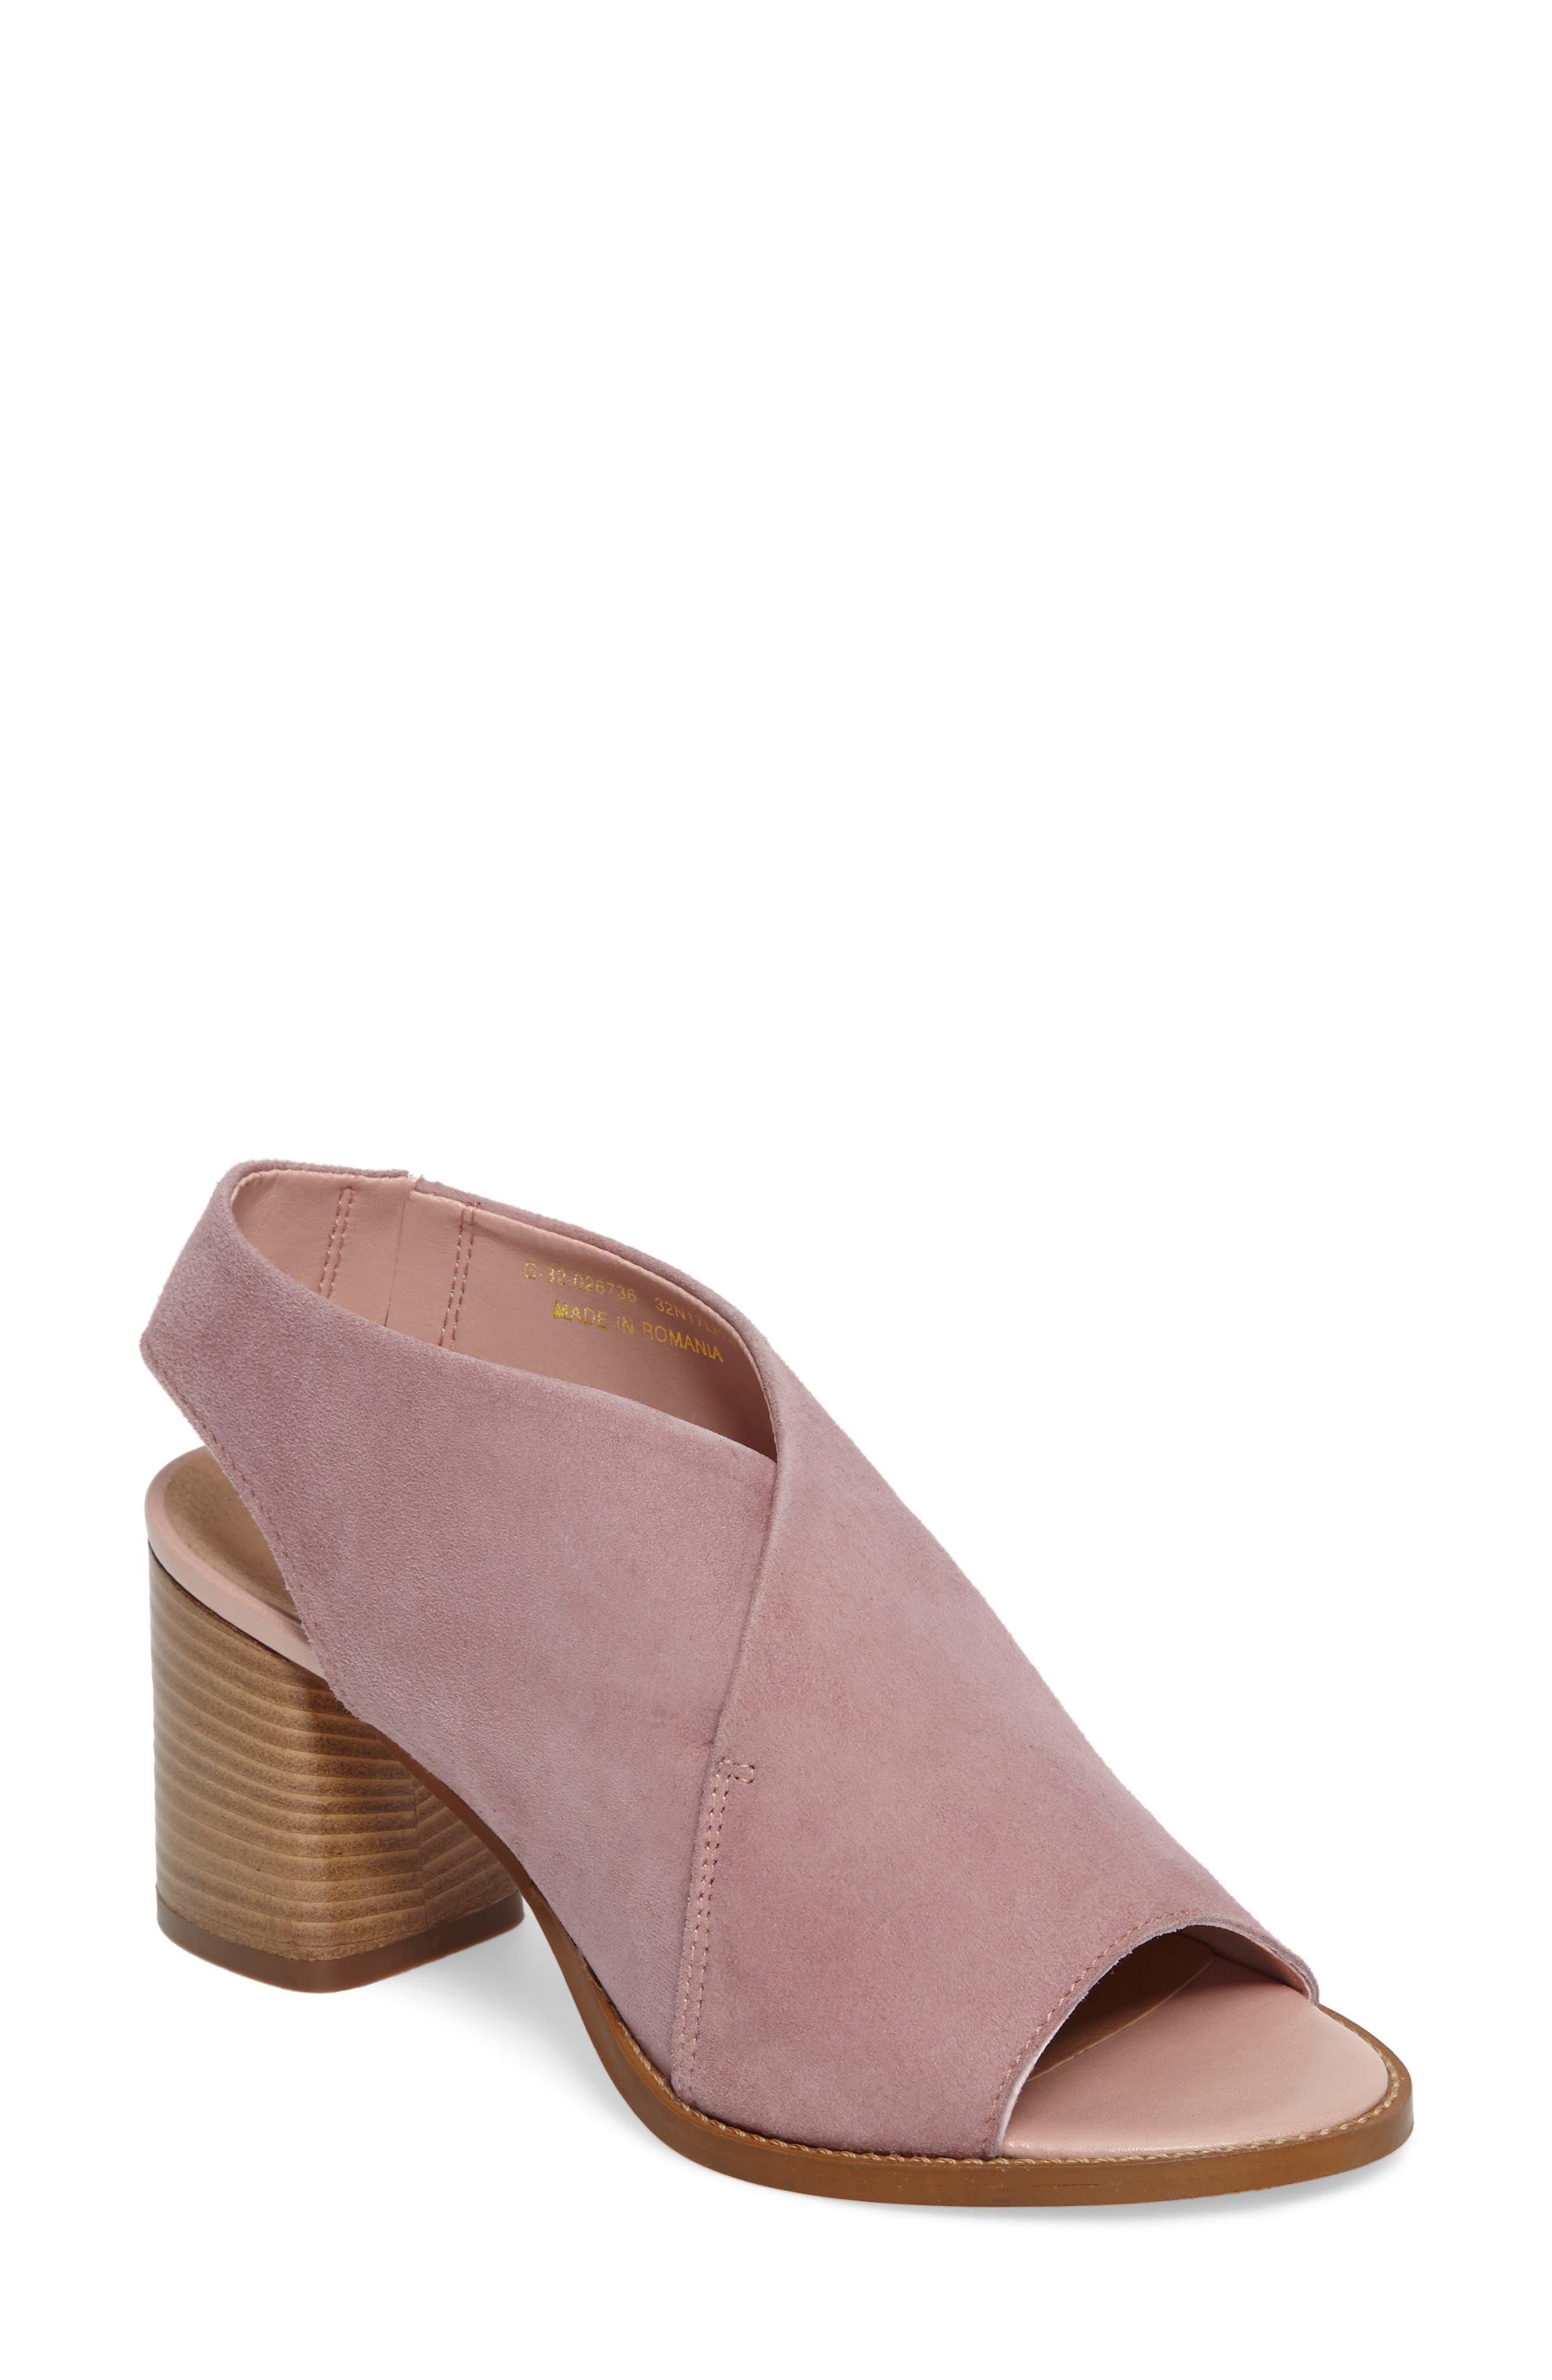 Topshop Noa Slingback Sandal (Women)